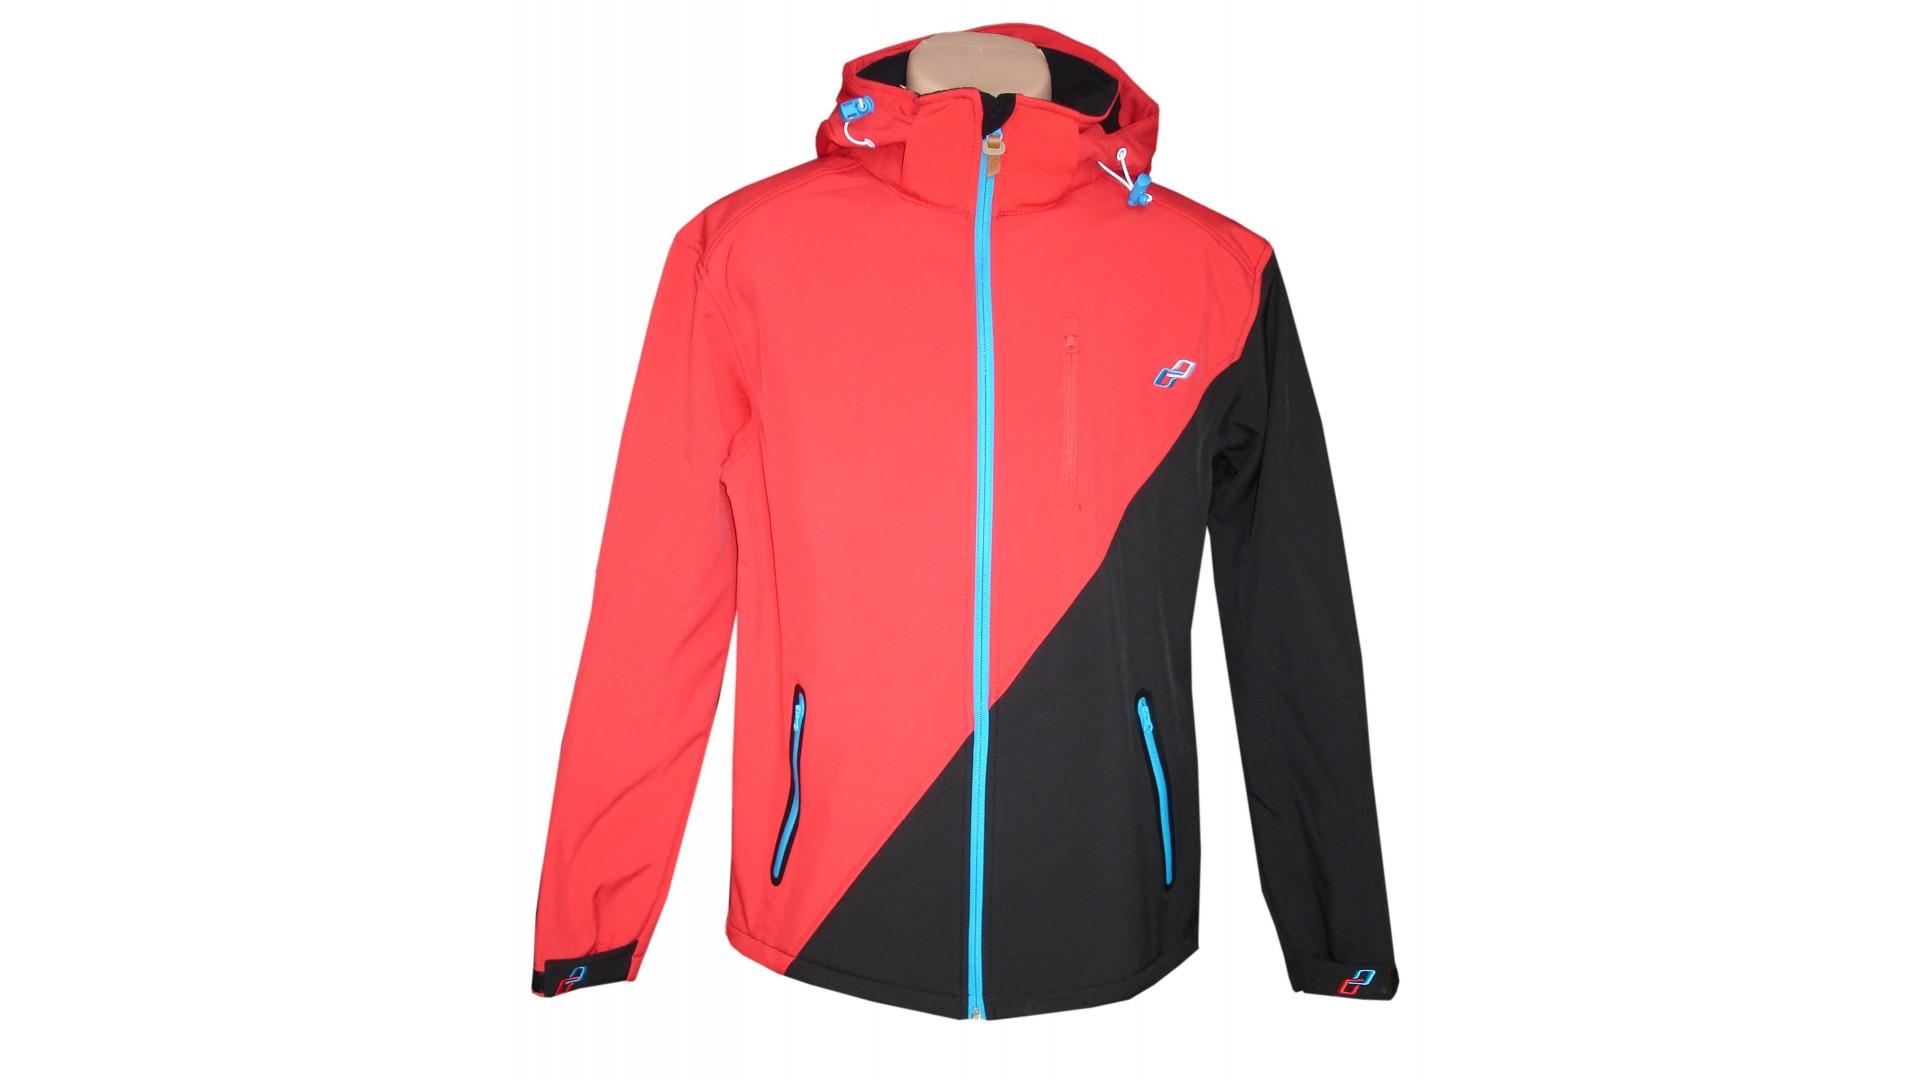 елокуртка Ghost с капюшоном мужская red/black/blue год 2015 общий вид